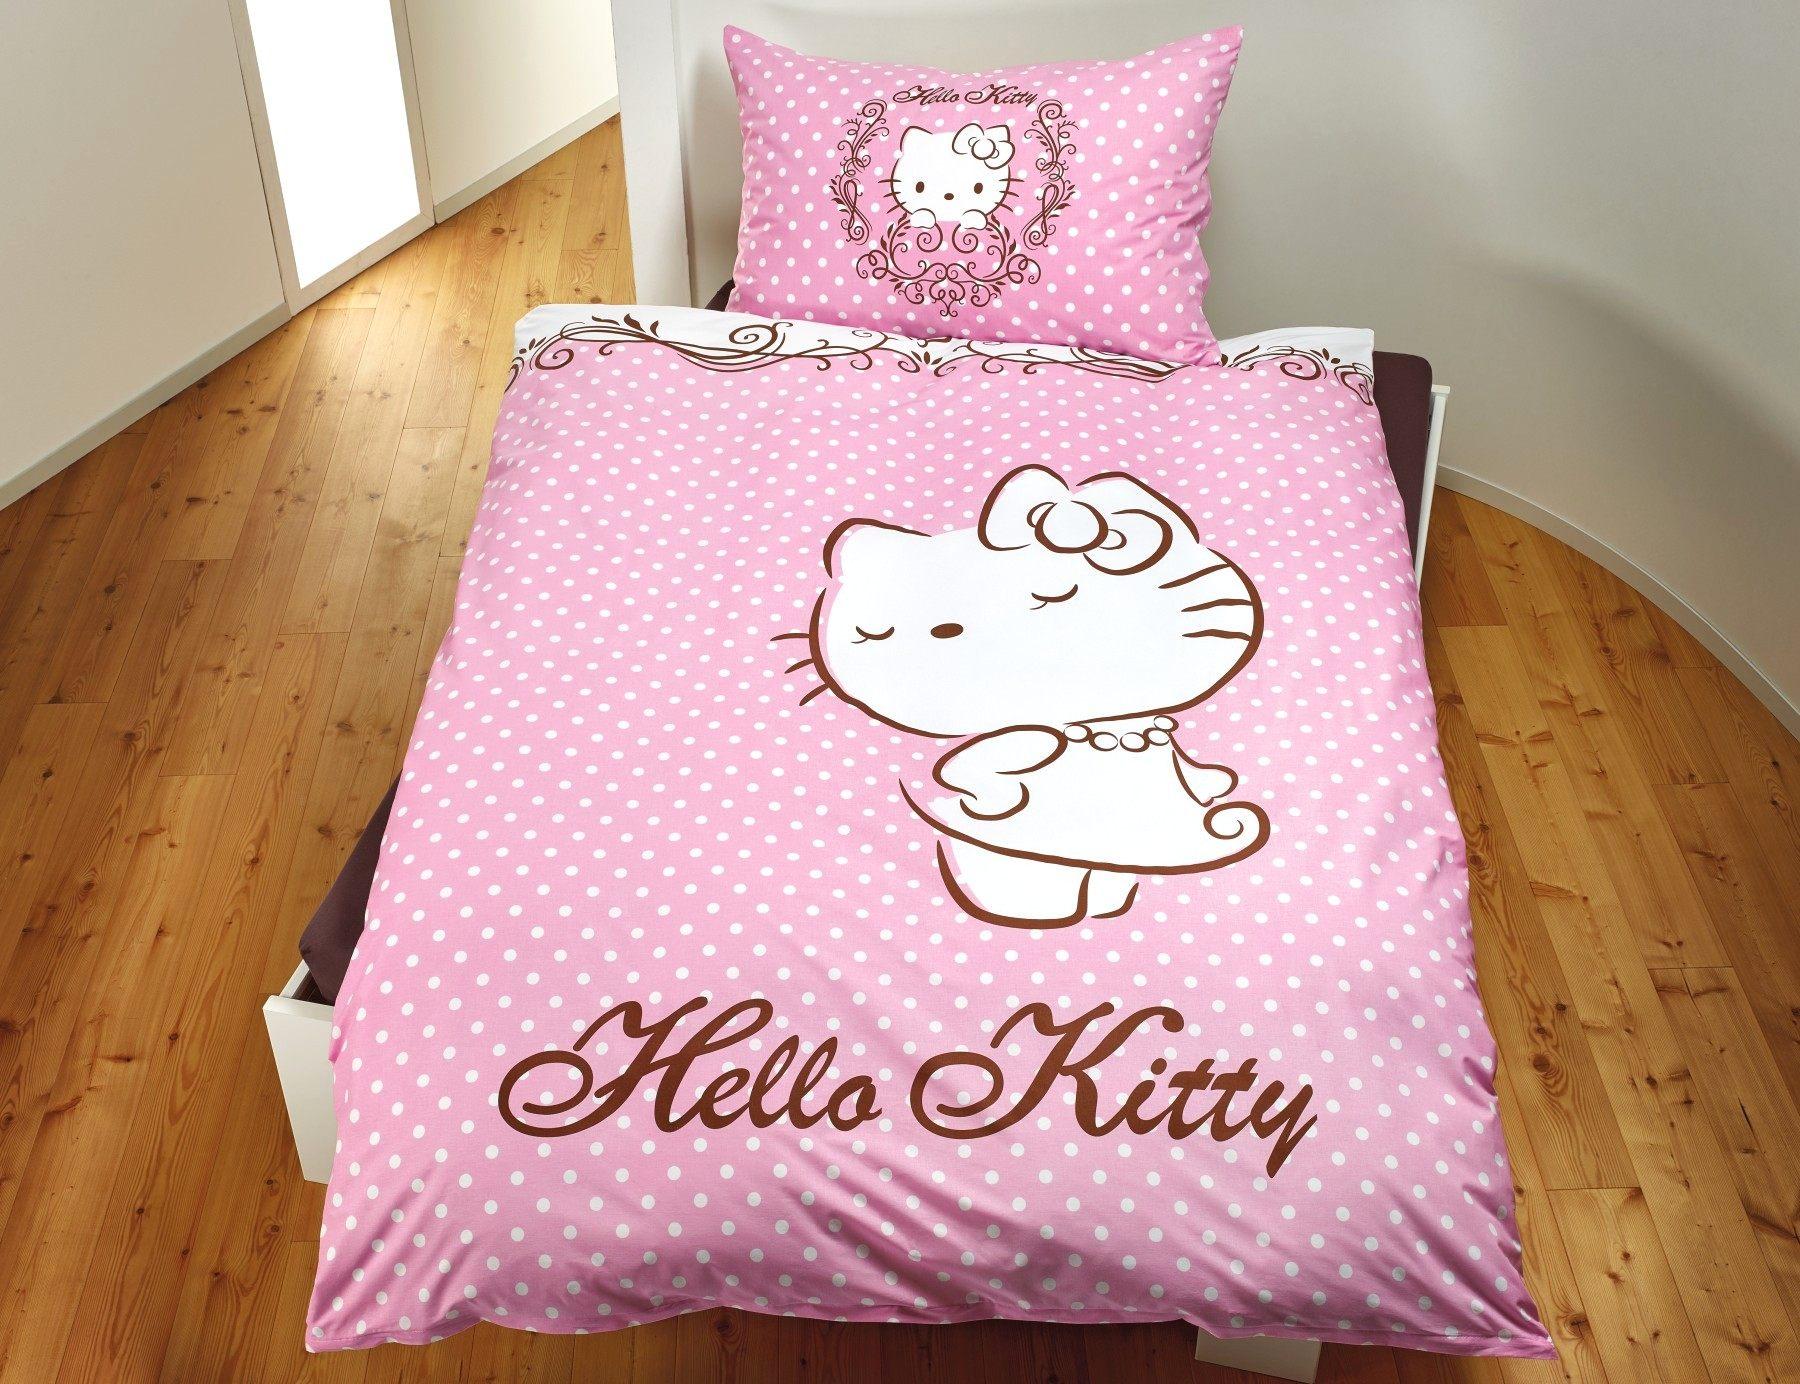 Tour De Lit Gris Et Rose Nouveau Linge De Lit Hello Kitty Rose Lehner Versand Avec Hello